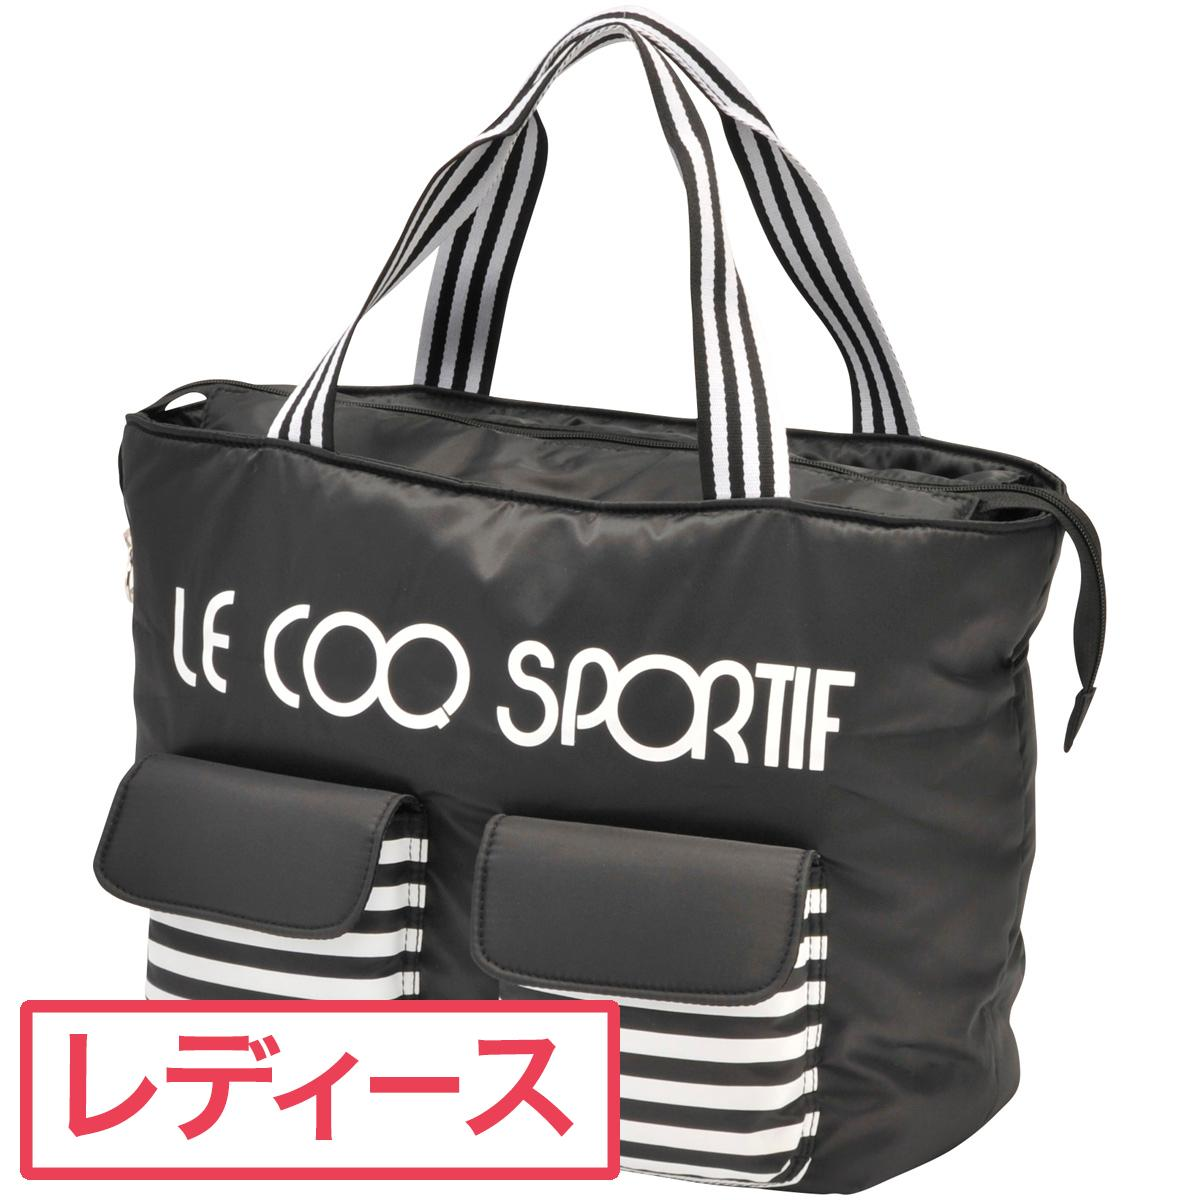 ルコックゴルフ Le coq sportif GOLF トートバッグ レディス[0318coupon]